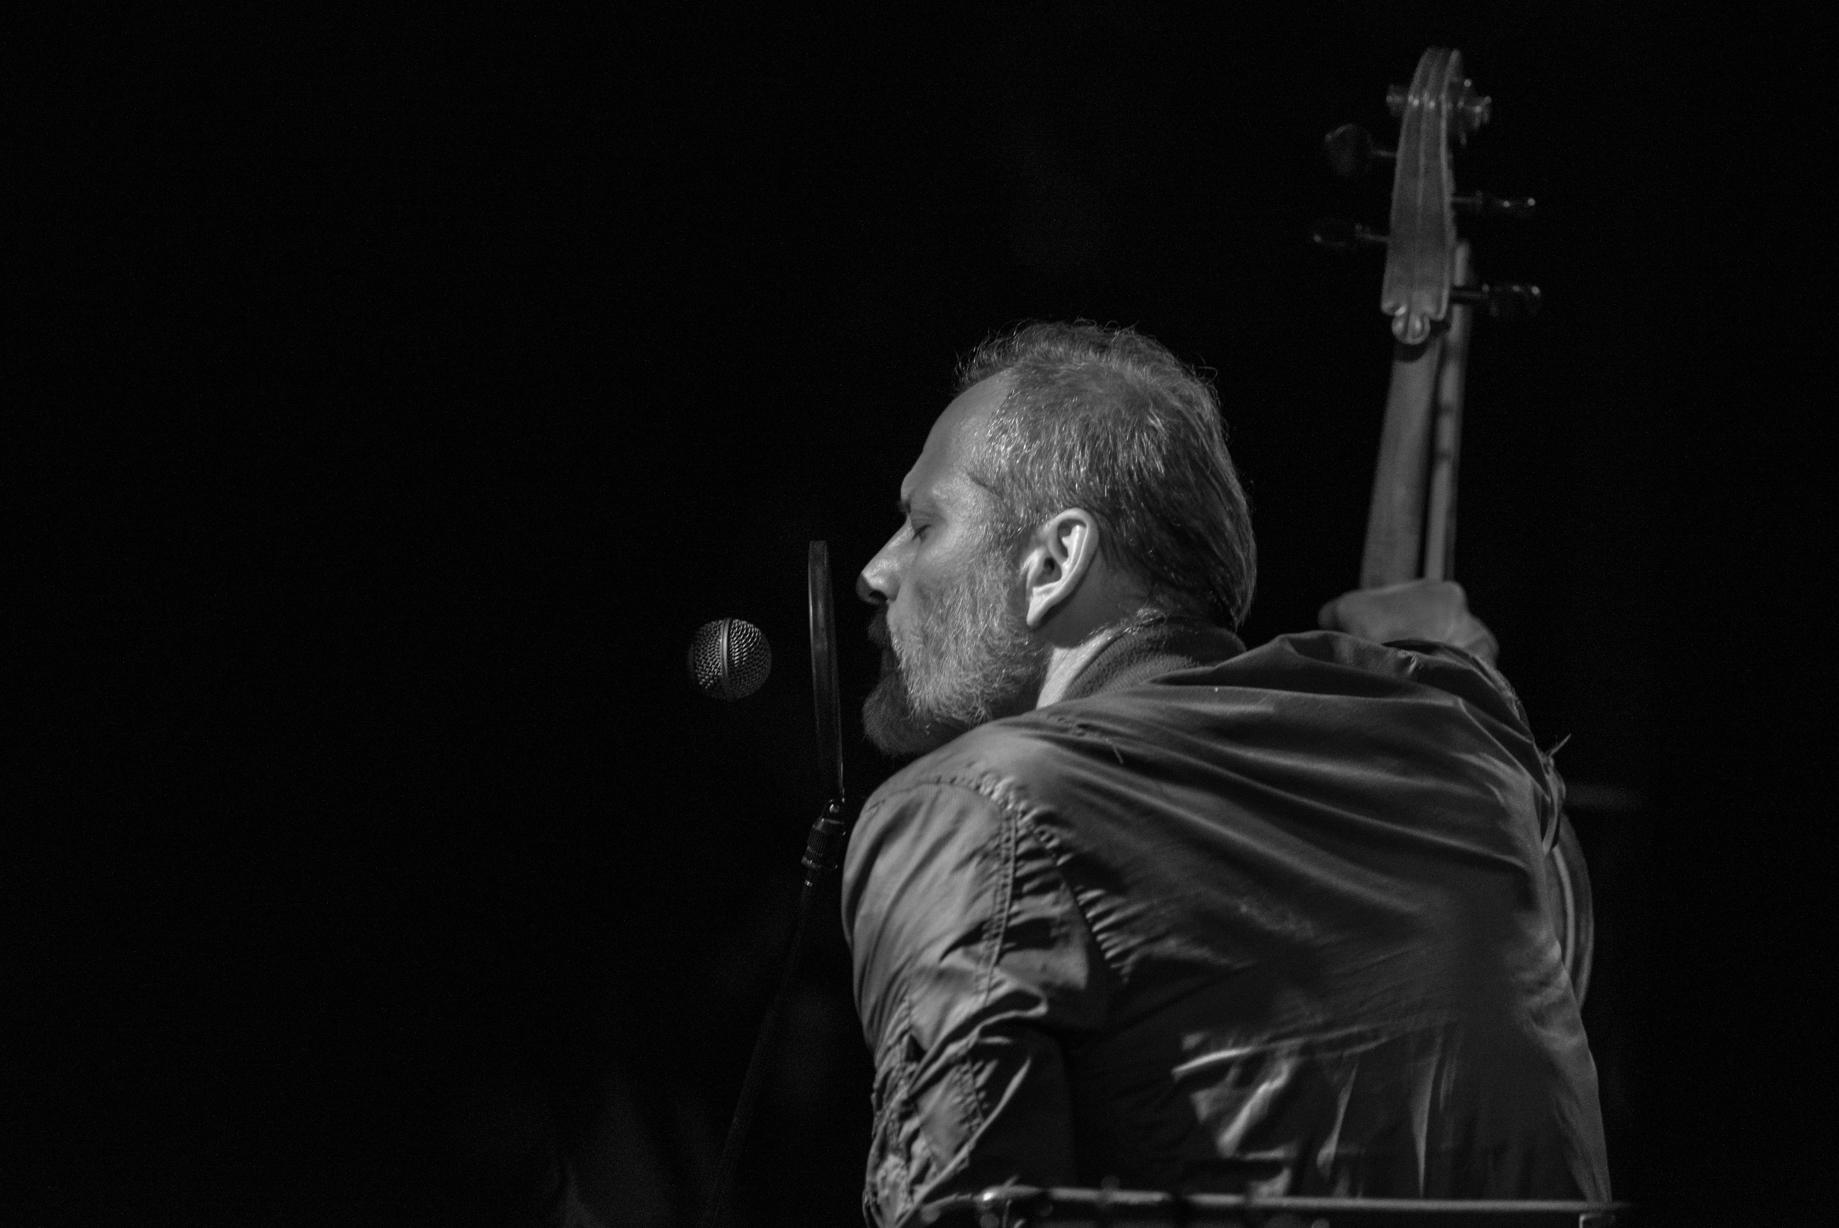 Calaveras, Band Chemnitz, D